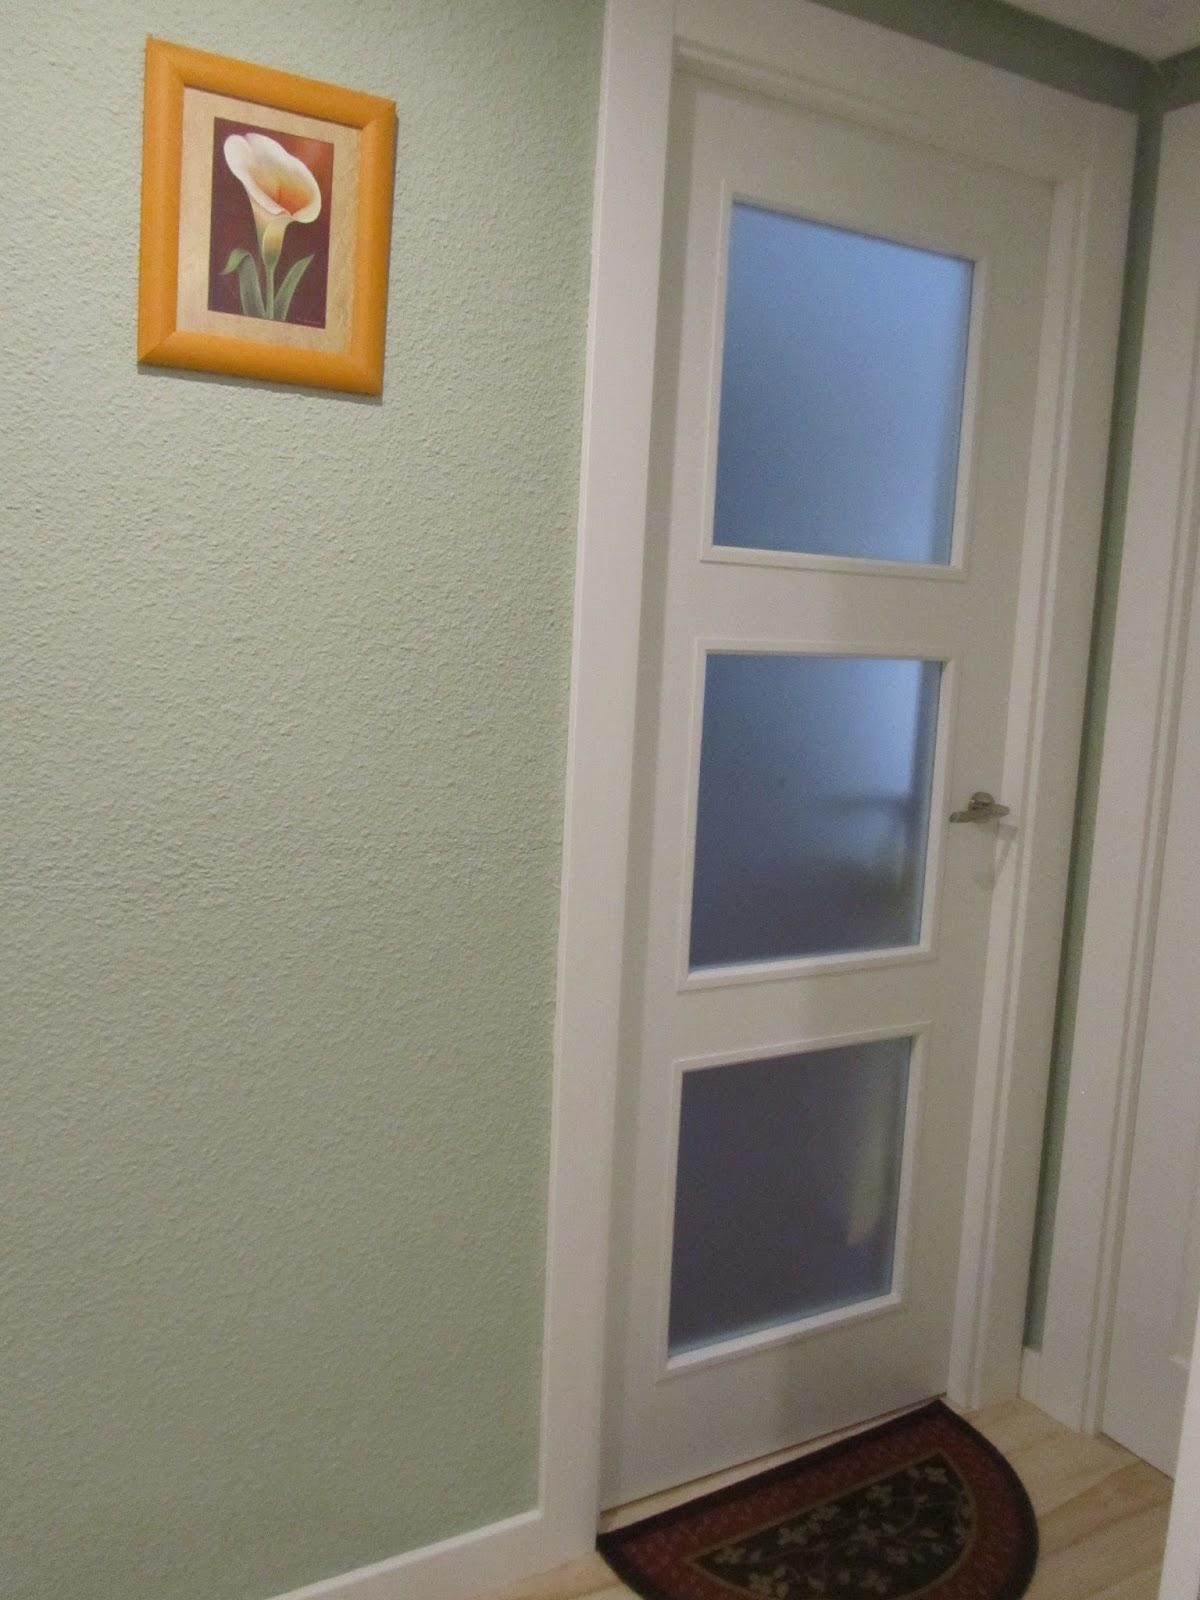 Puertas lozano instalacion de puerta blindada puertas - Puertas lisas blancas ...